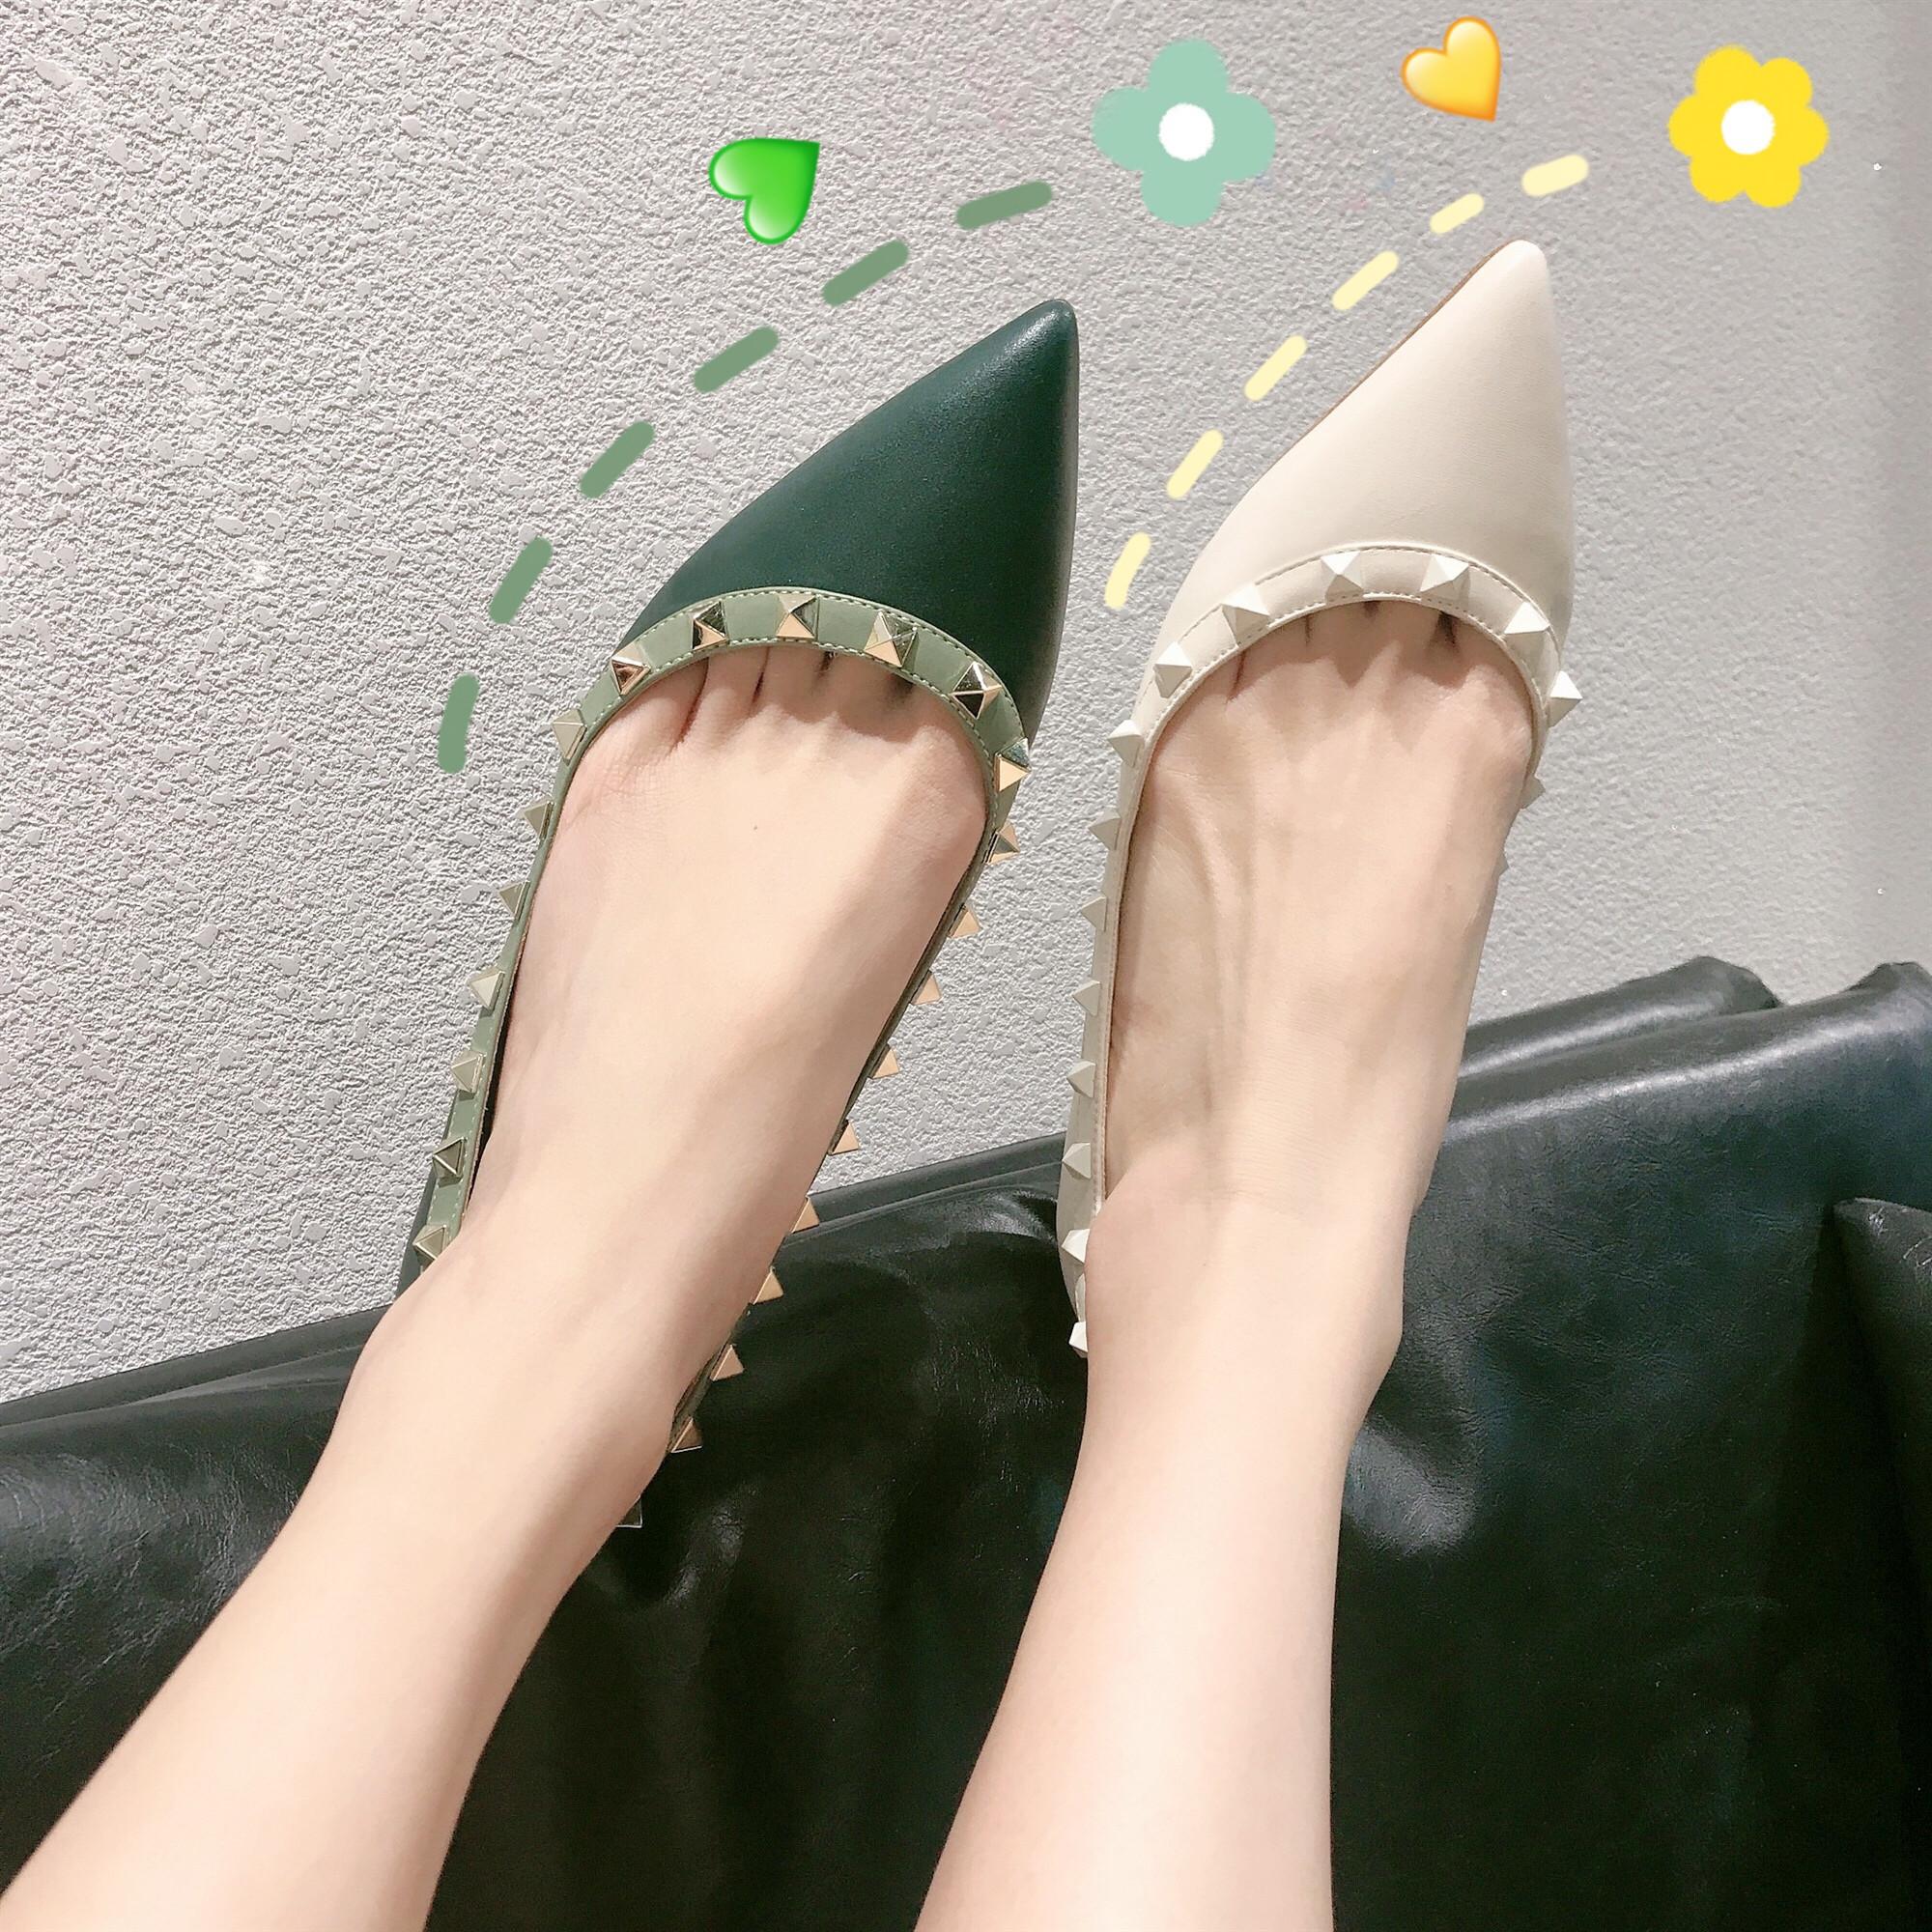 绿色尖头鞋 v家 2020春季新款单鞋尖头铆钉柳丁浅口白色绿色平底鞋百搭闺蜜女_推荐淘宝好看的绿色尖头鞋